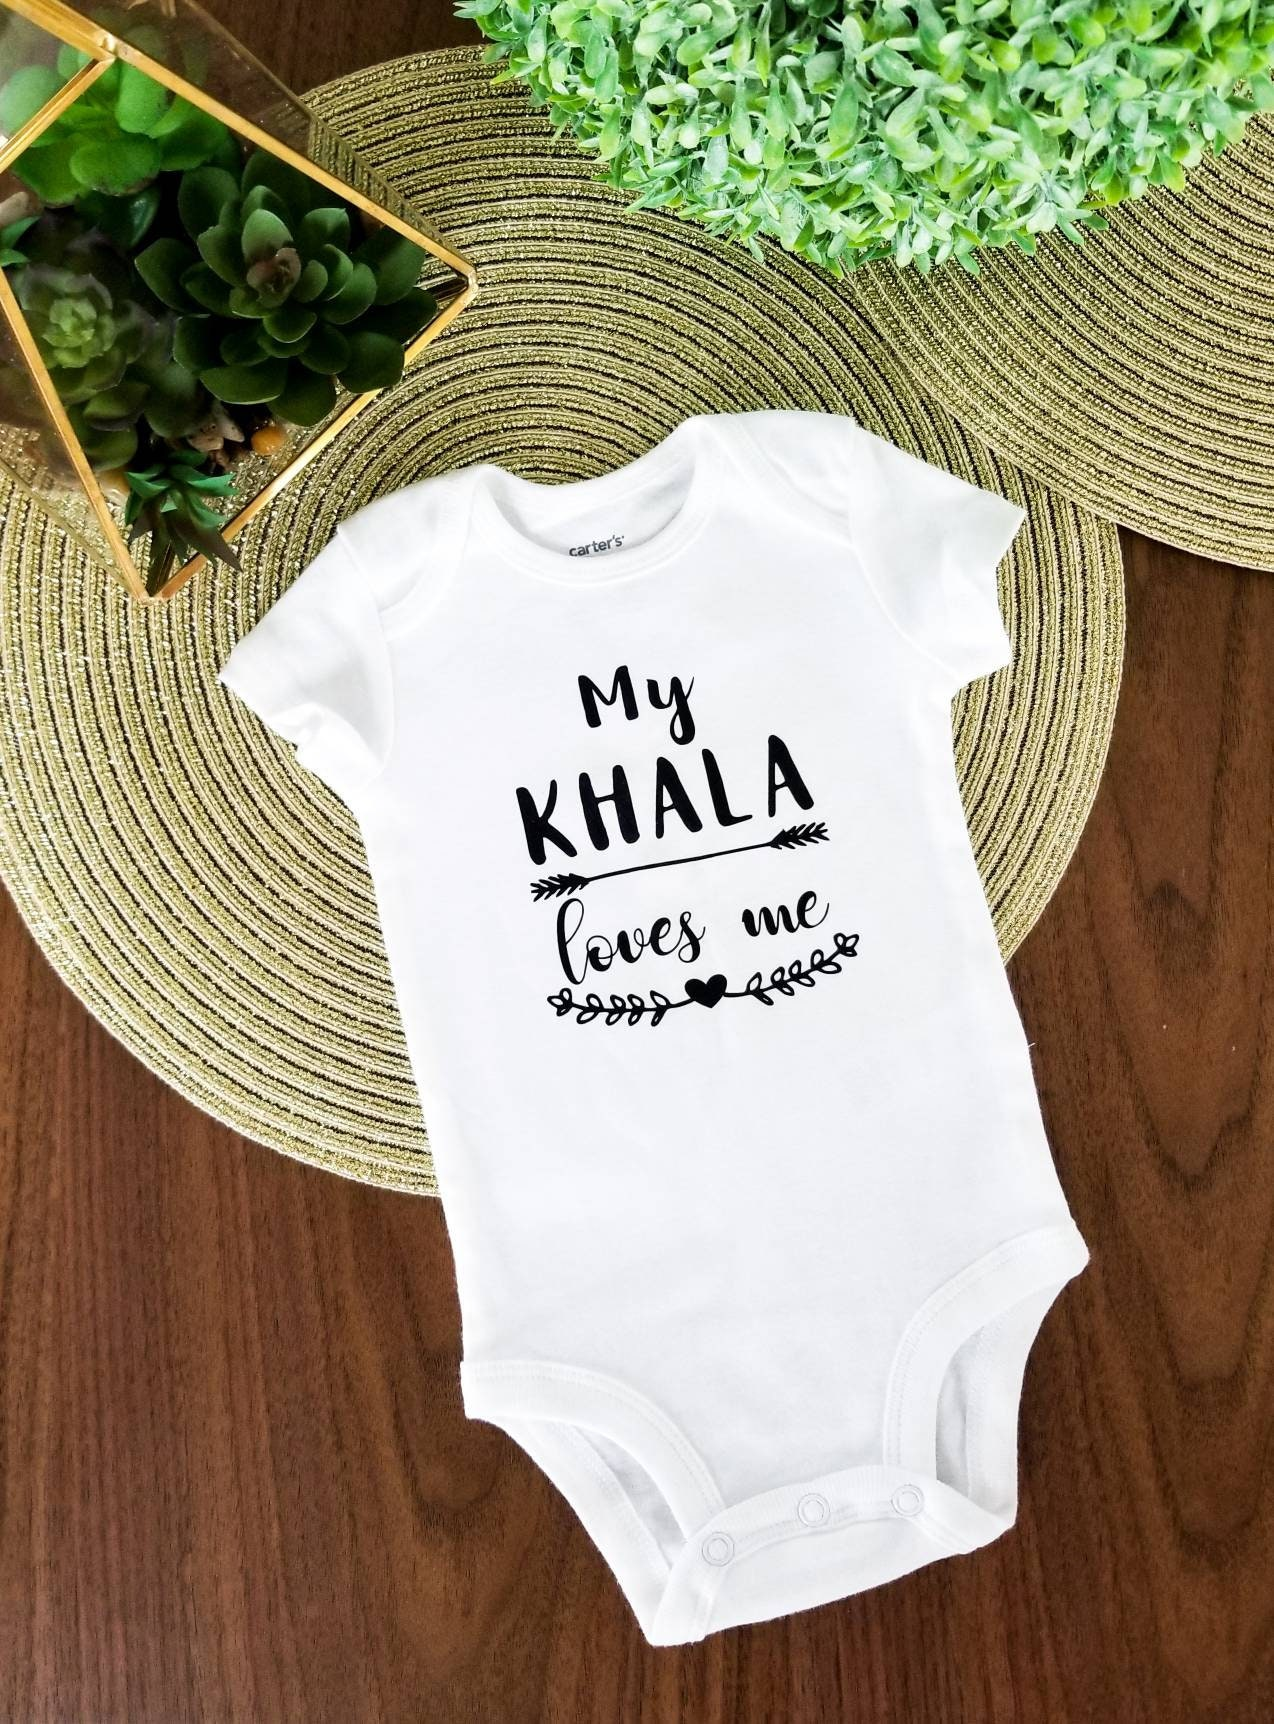 My Khala loves me Aunty Auntie bodysuit Baby clothing